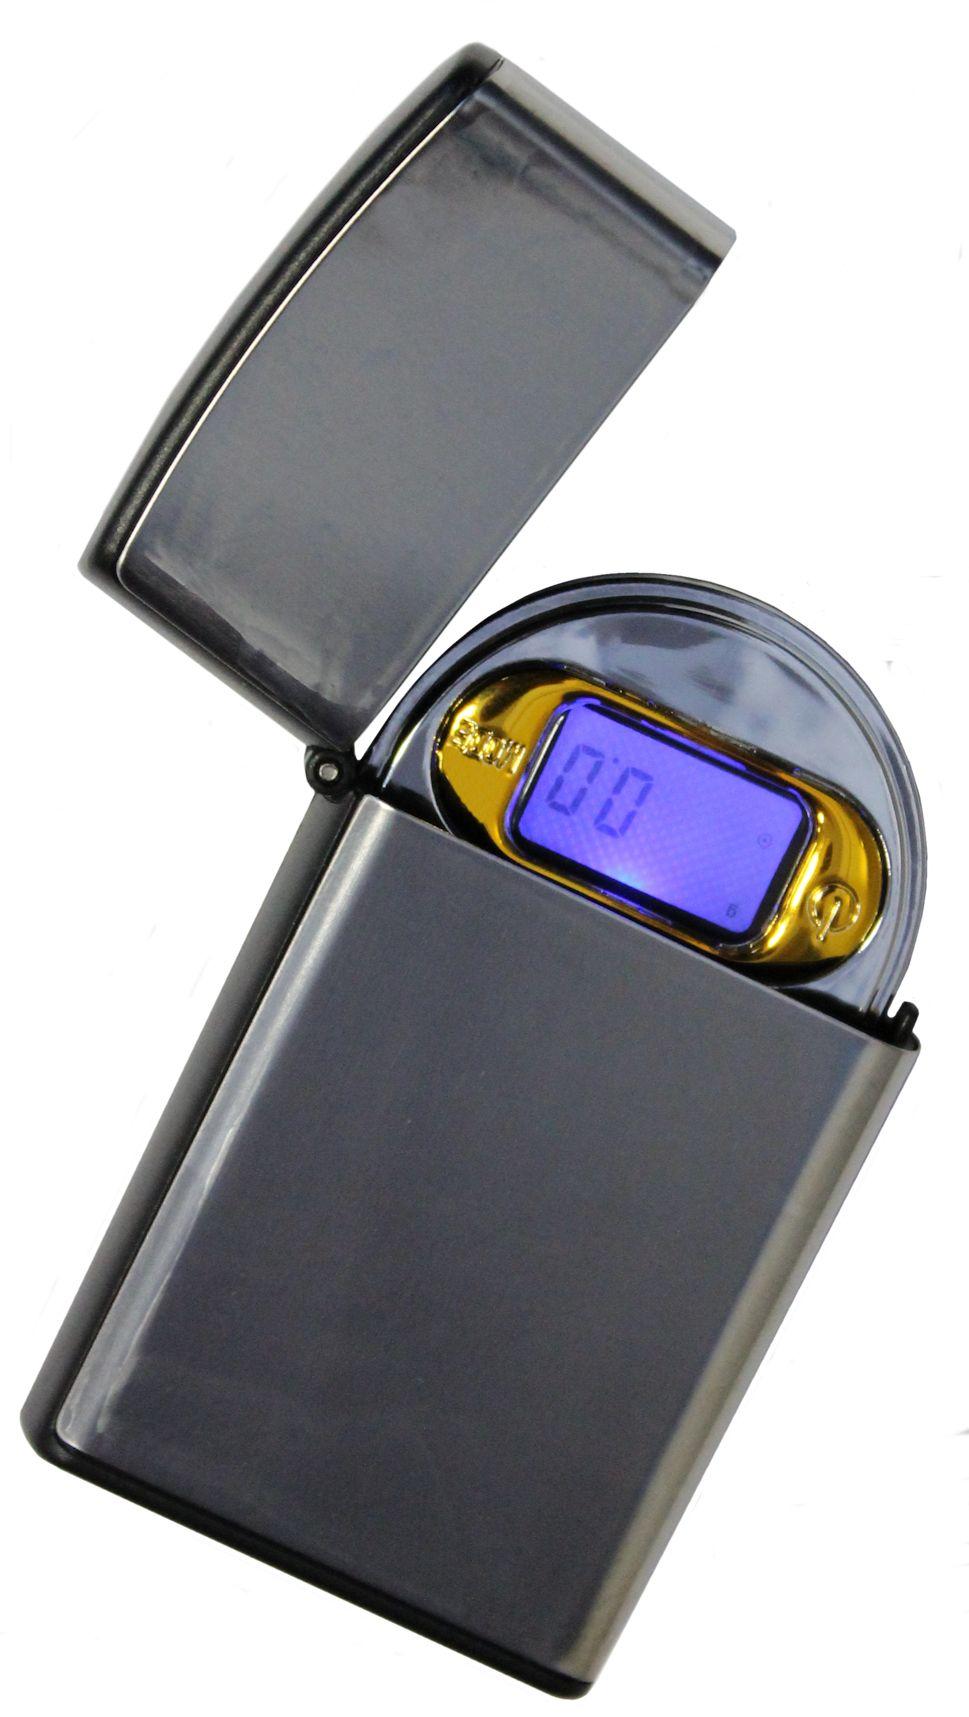 Zip-300 New Pic